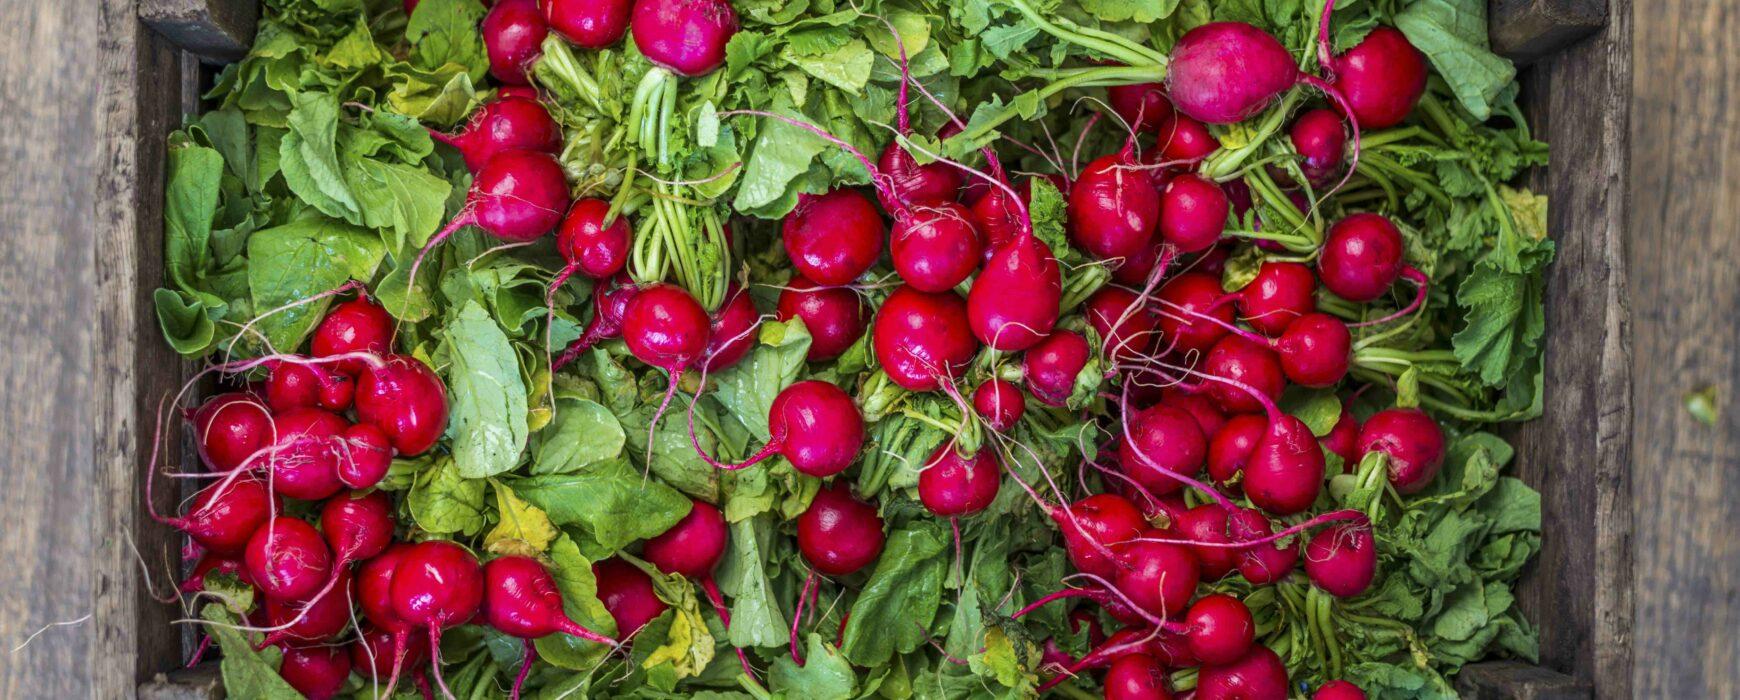 Large wooden box of radishes